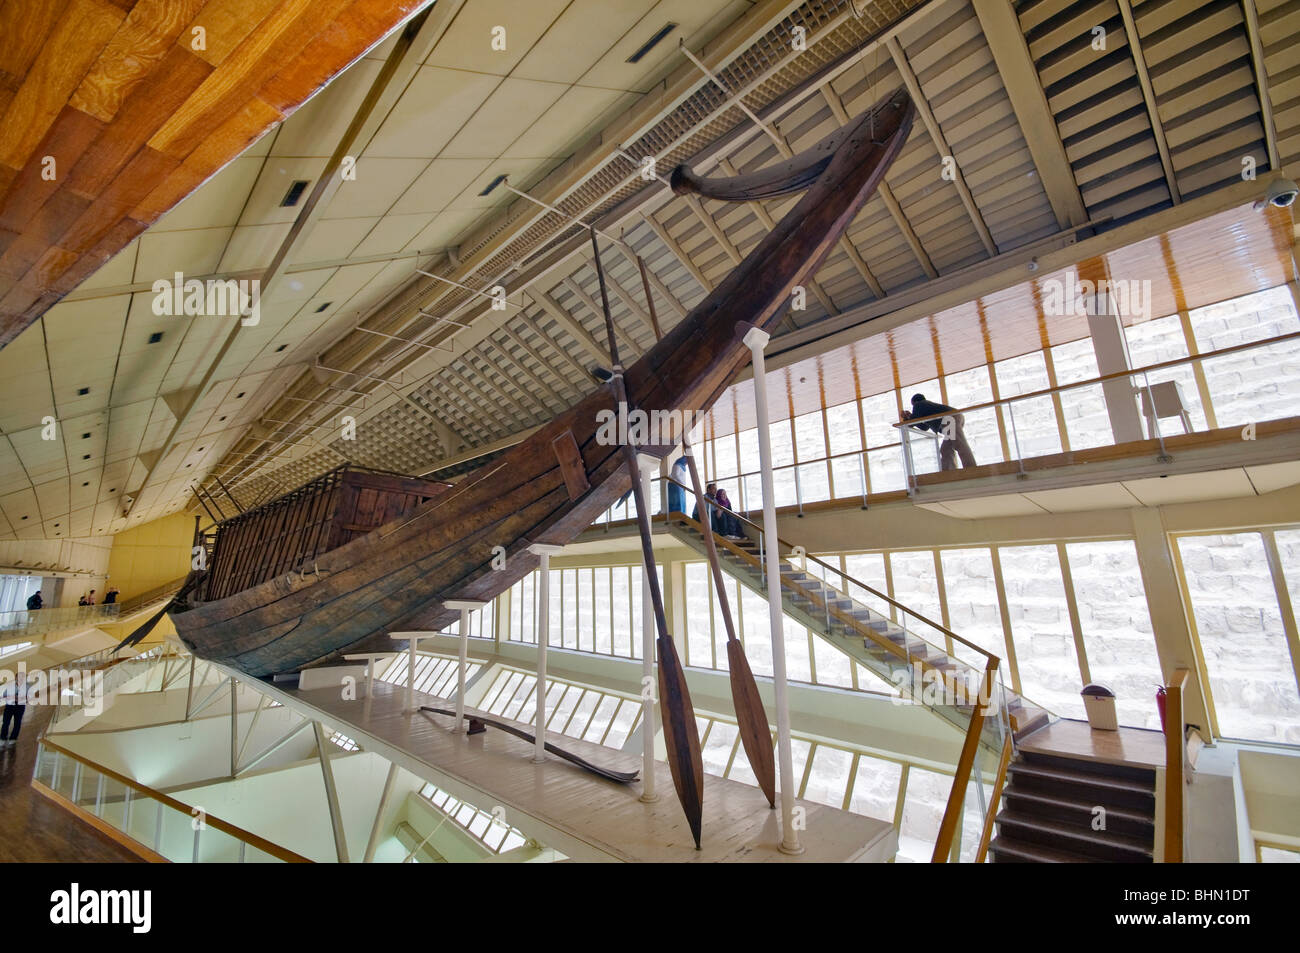 Pharaoh Boat found in Greay Pyramid Giza, Cairo Egypt - Stock Image